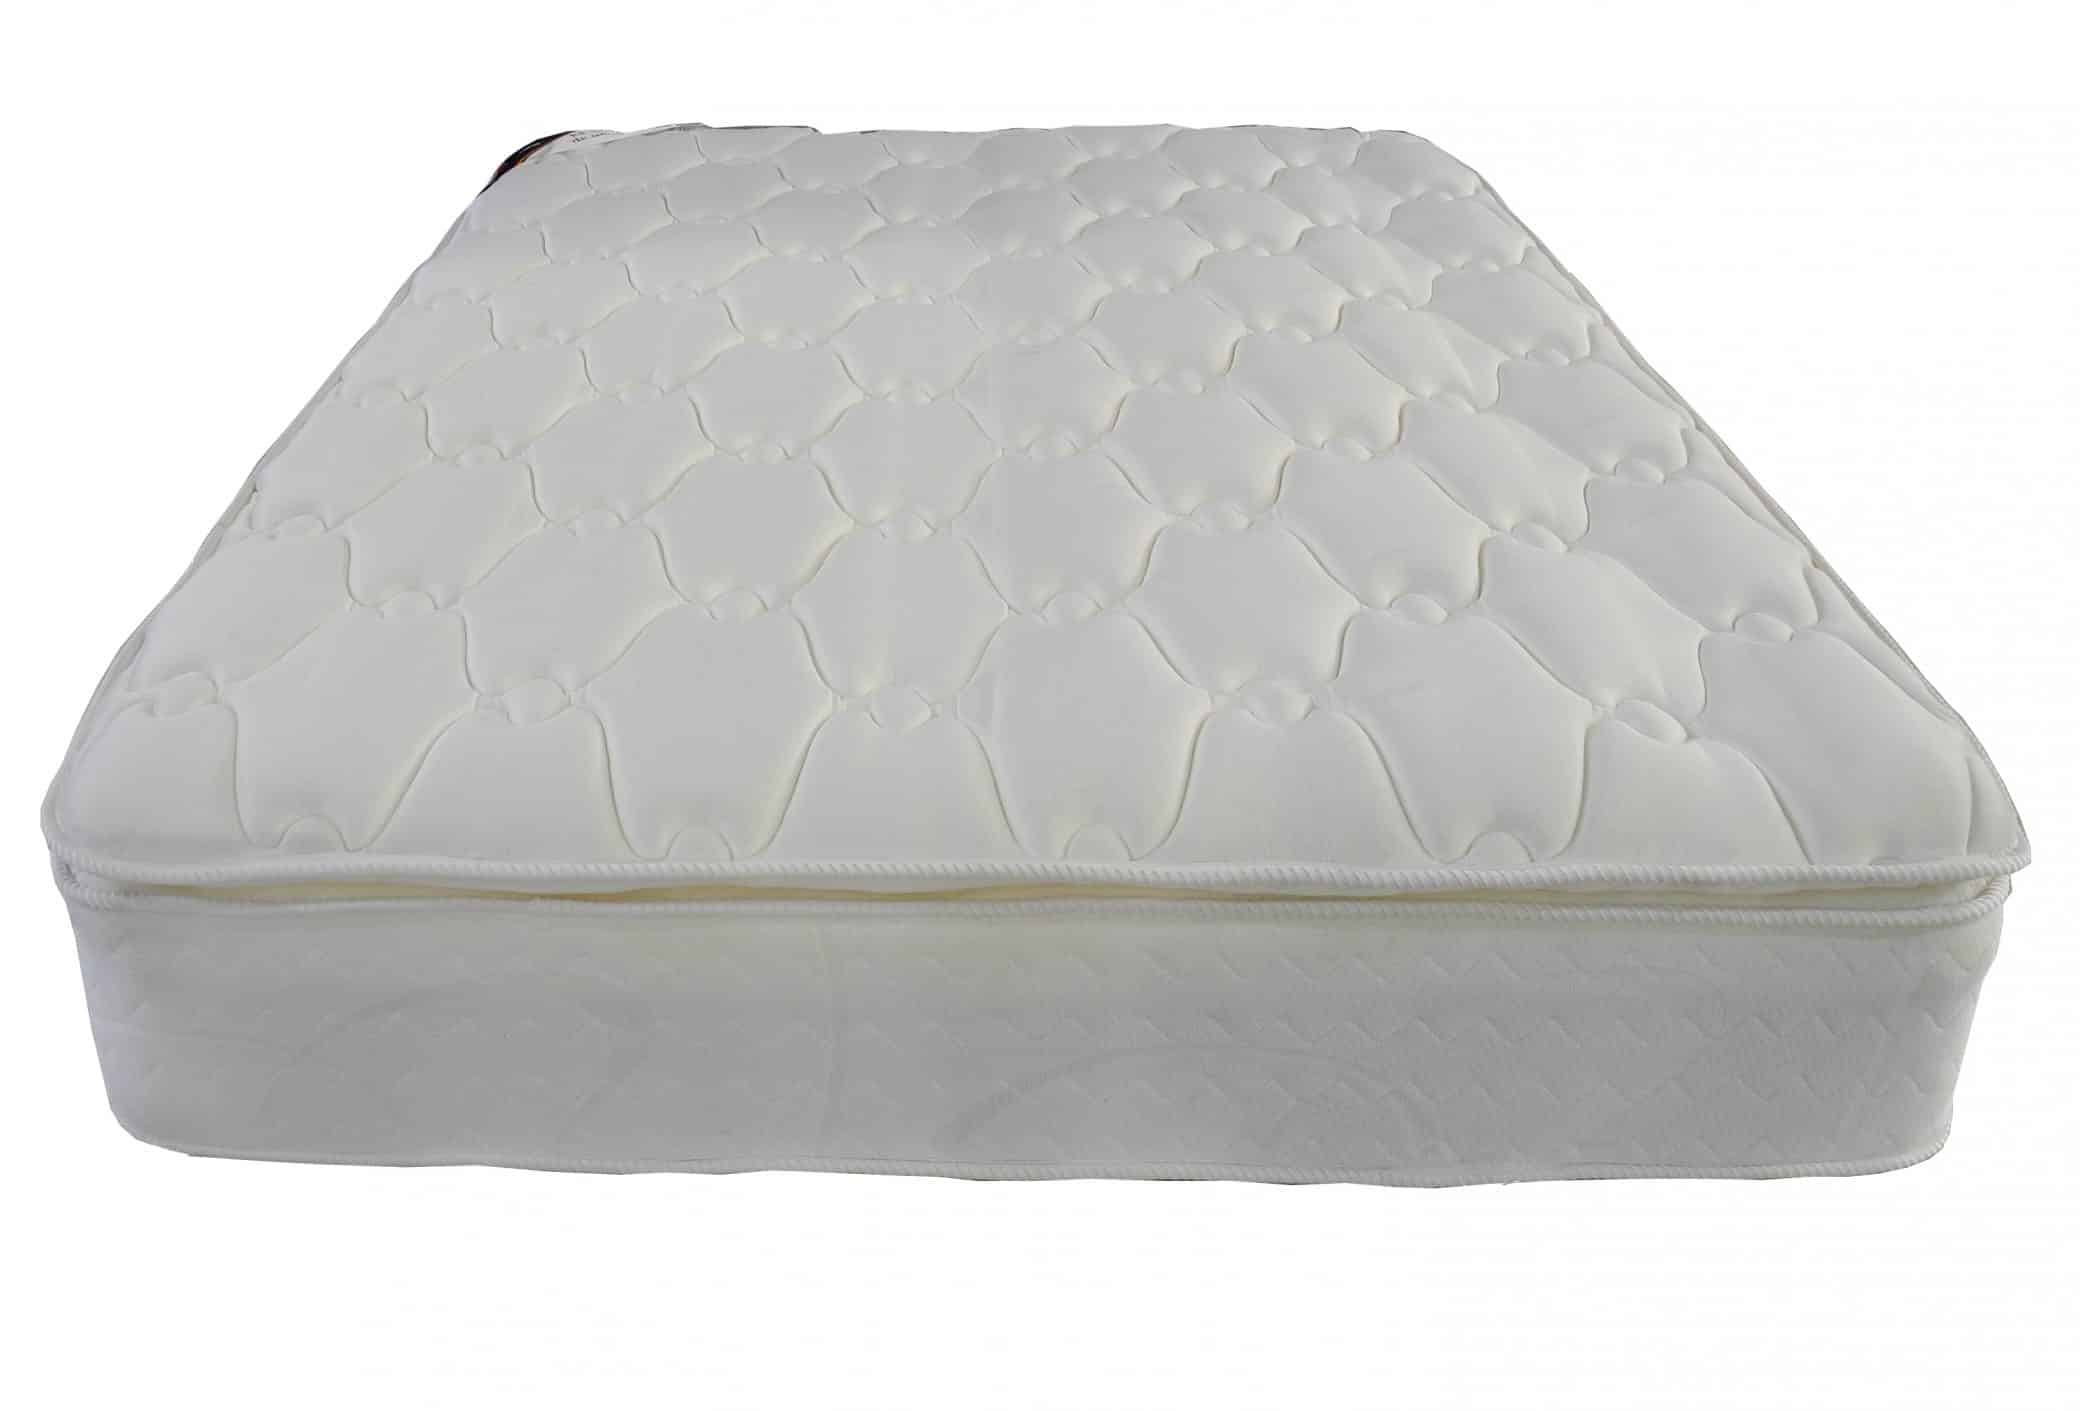 Colch n foam nature con pillow 190x140 arcoiris - Colchon tatami ...